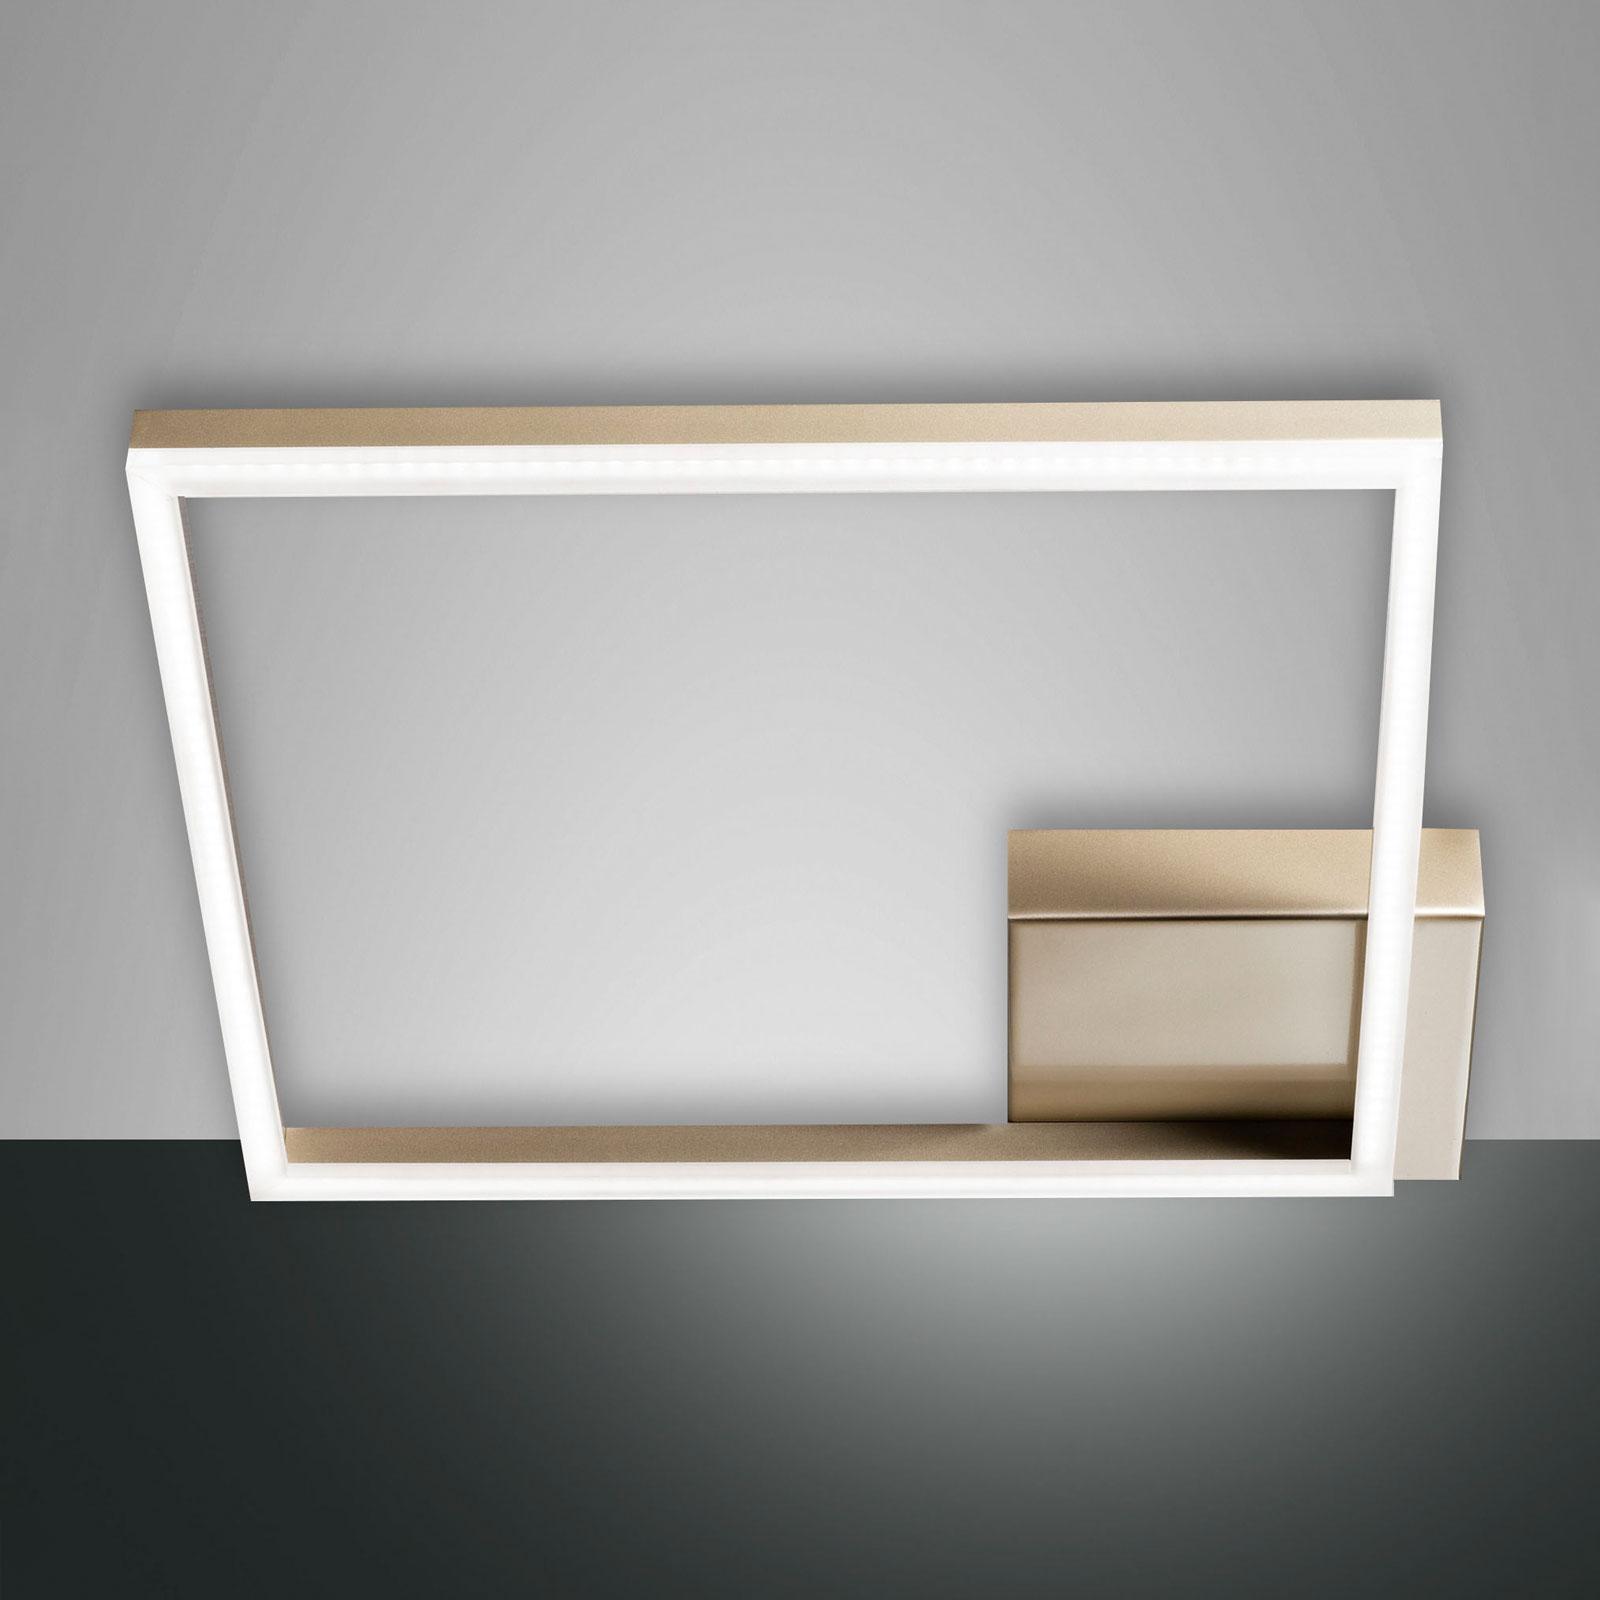 LED plafondlamp Bard, 42x42cm, matgoud finish